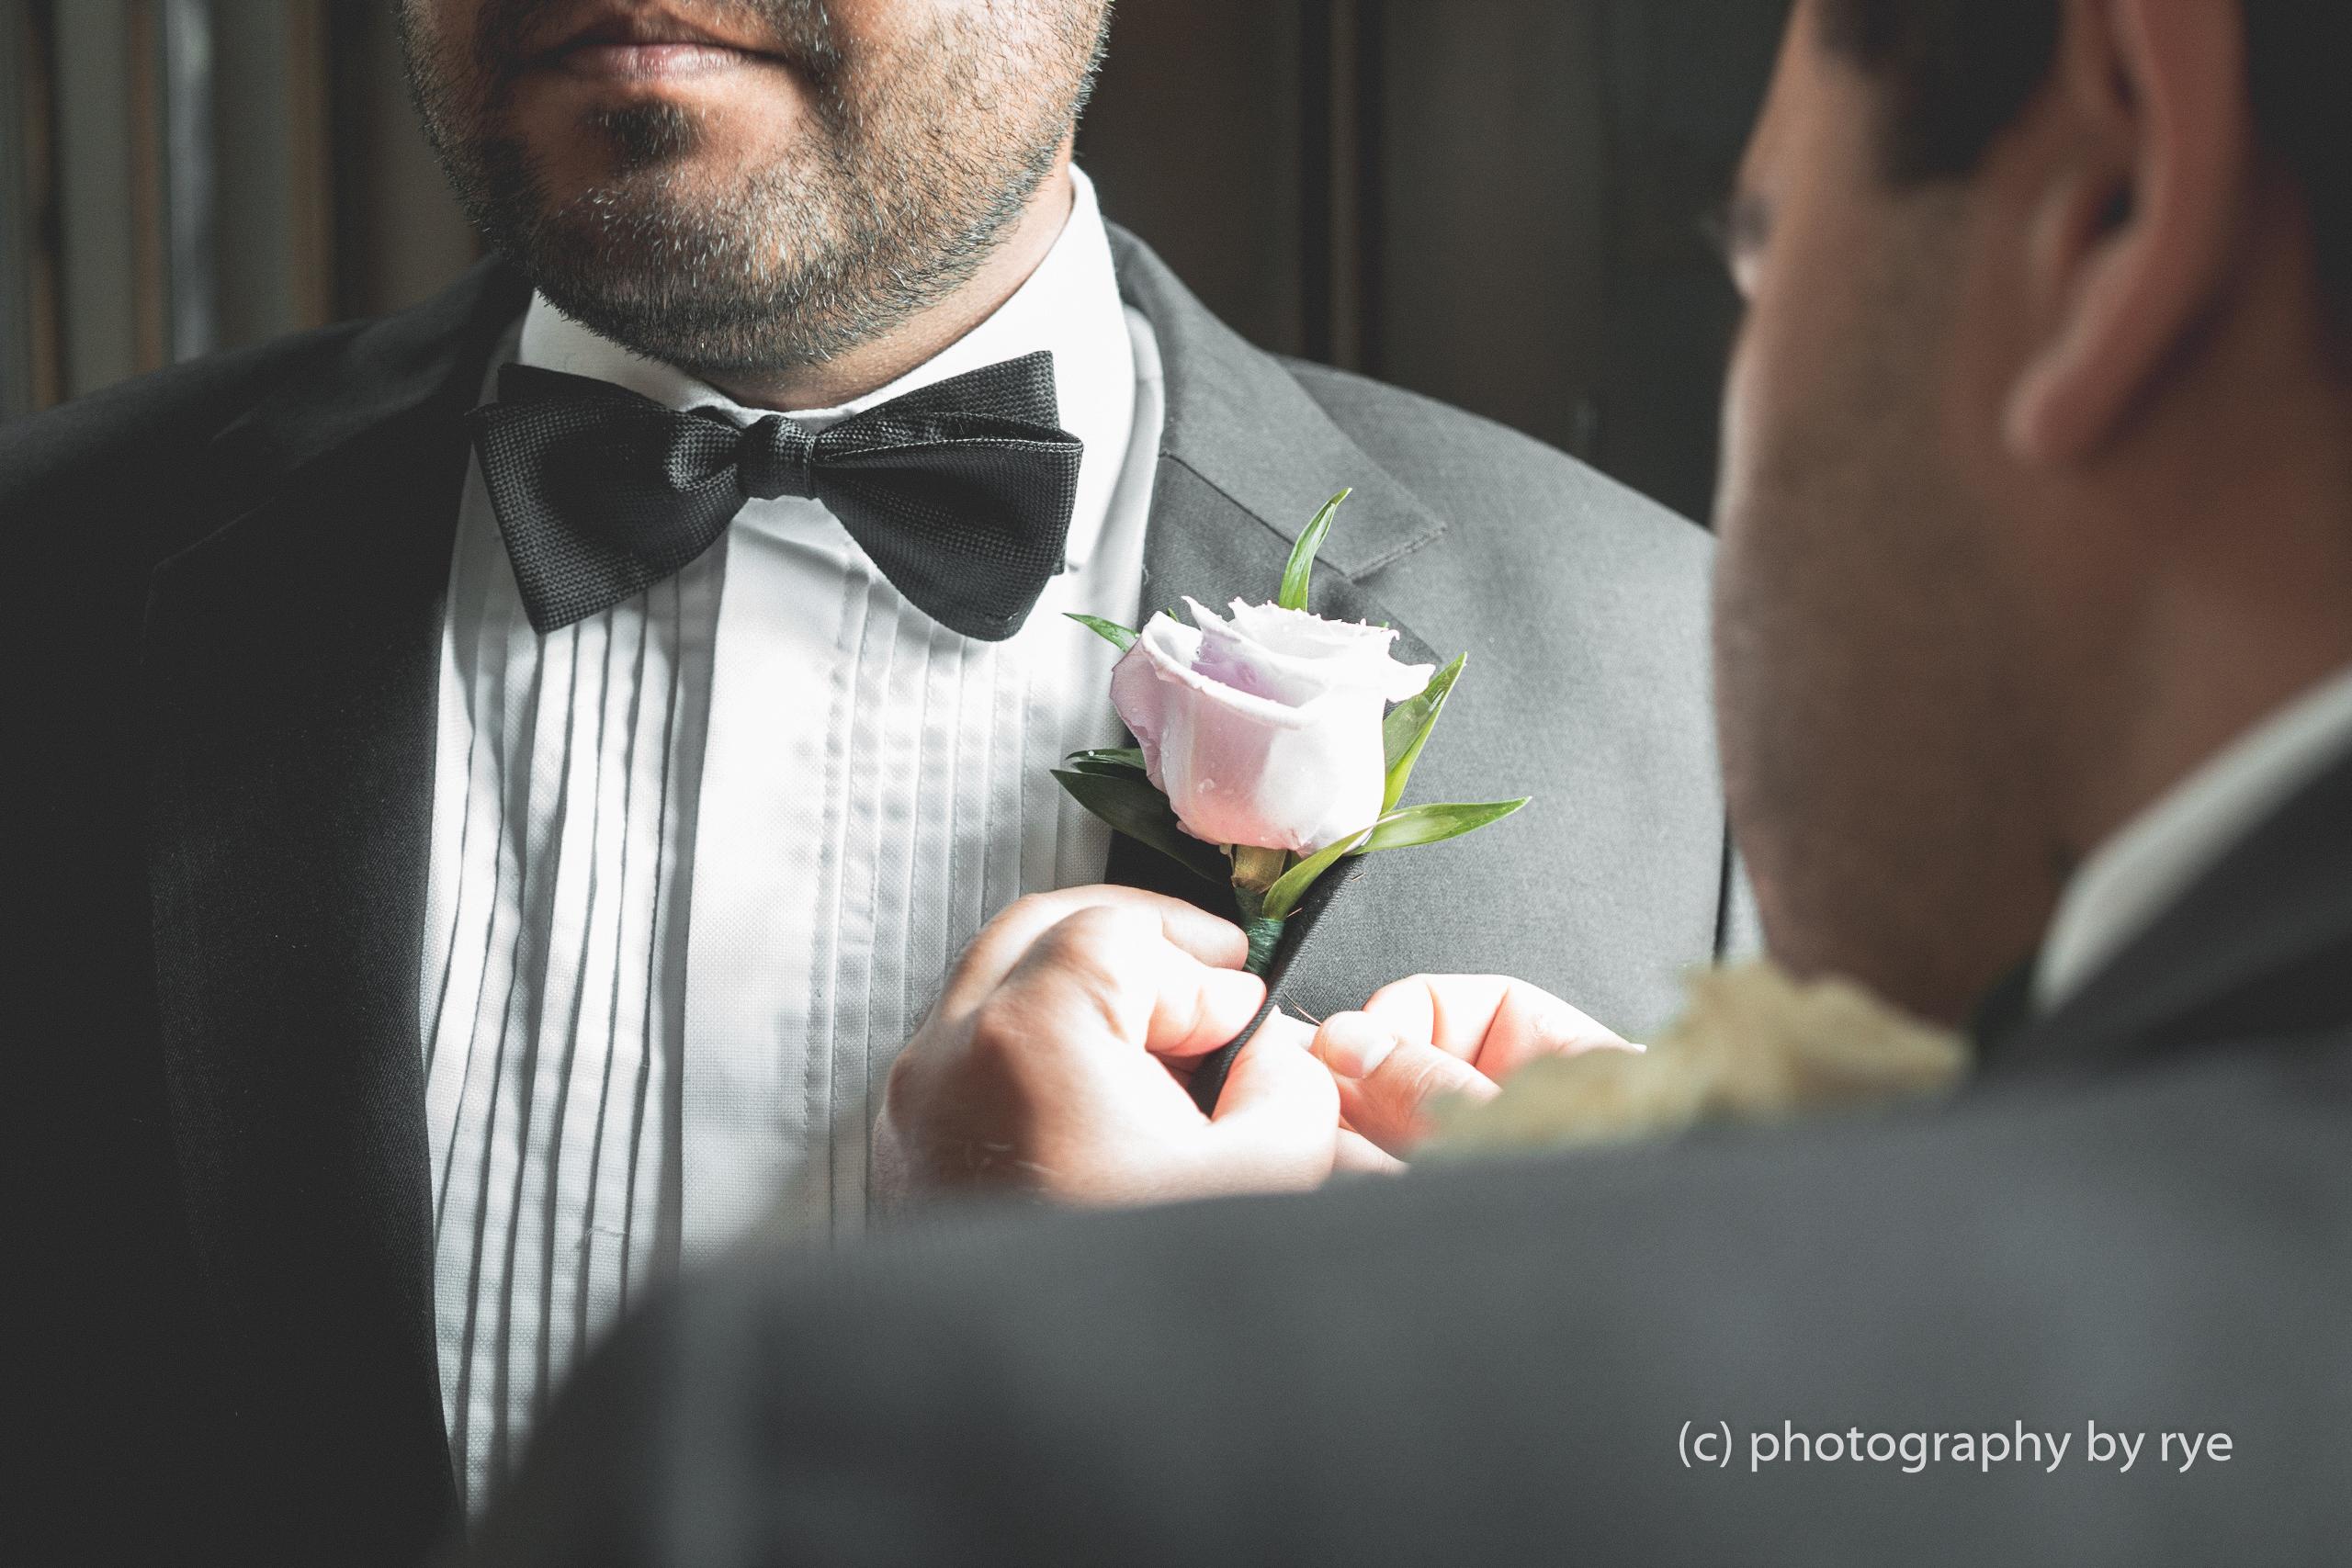 http://photographybyrye.wixsite.com/